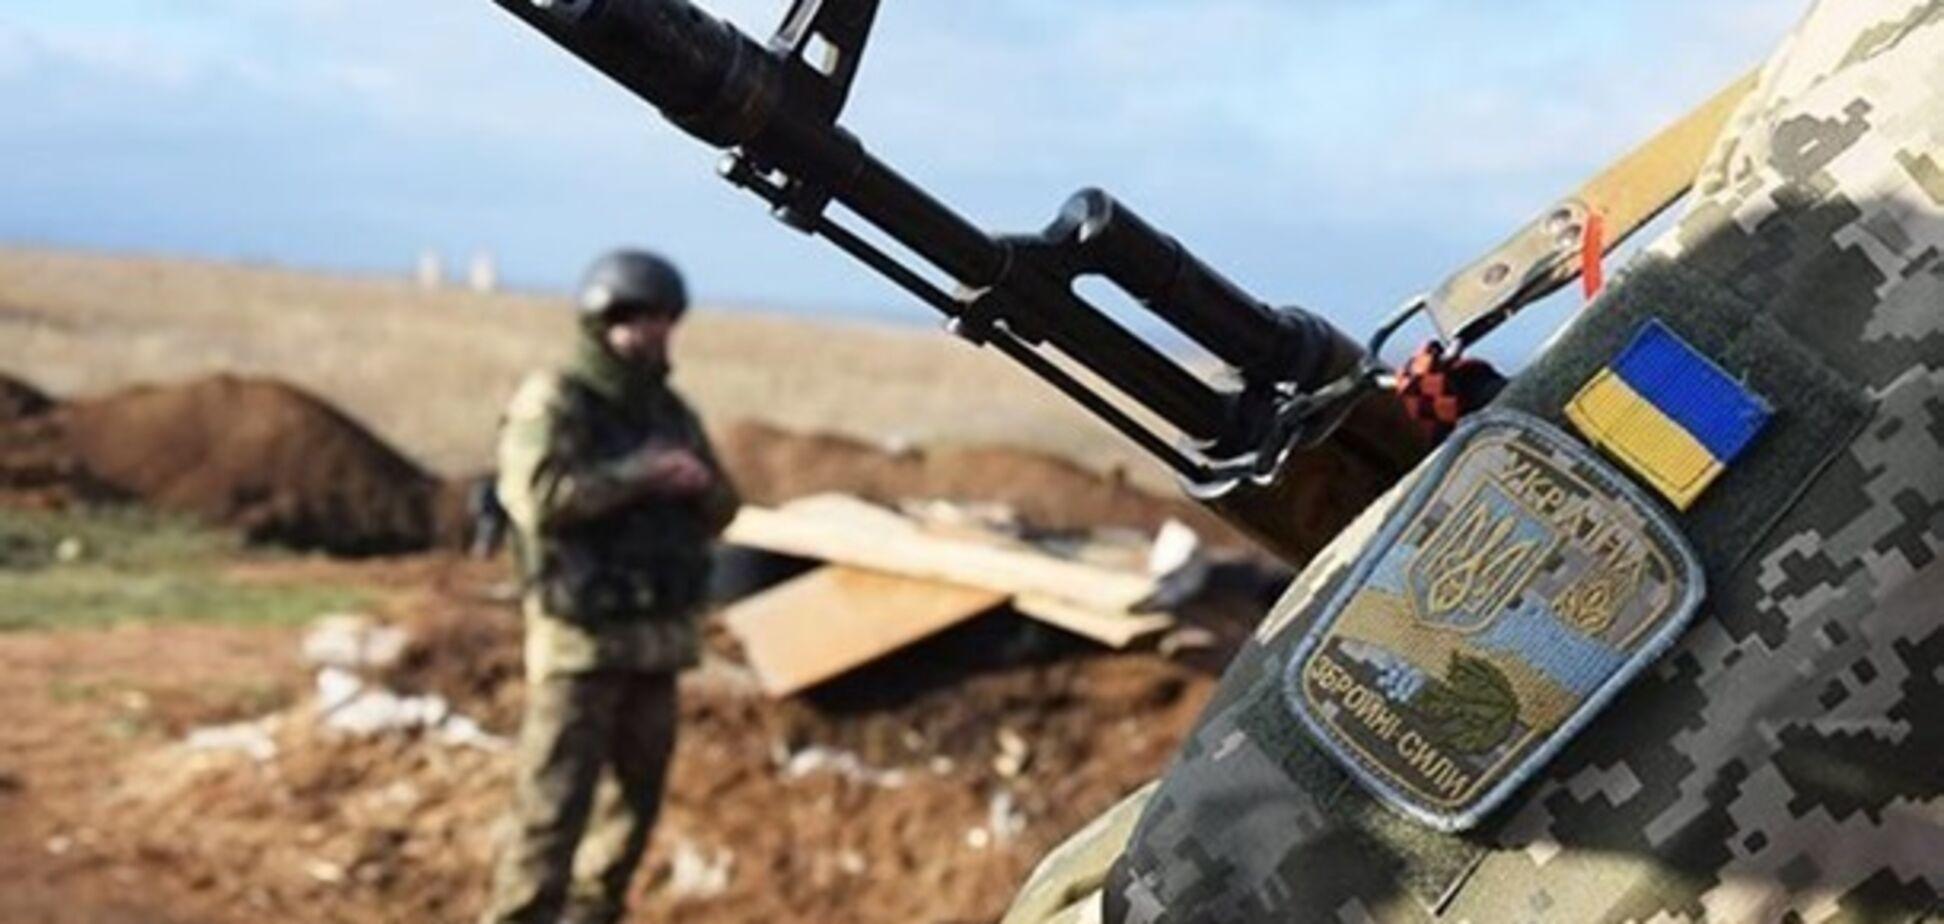 Терористи обстріляли позиції ОС на Донбасі: ЗСУ зазнали втрат